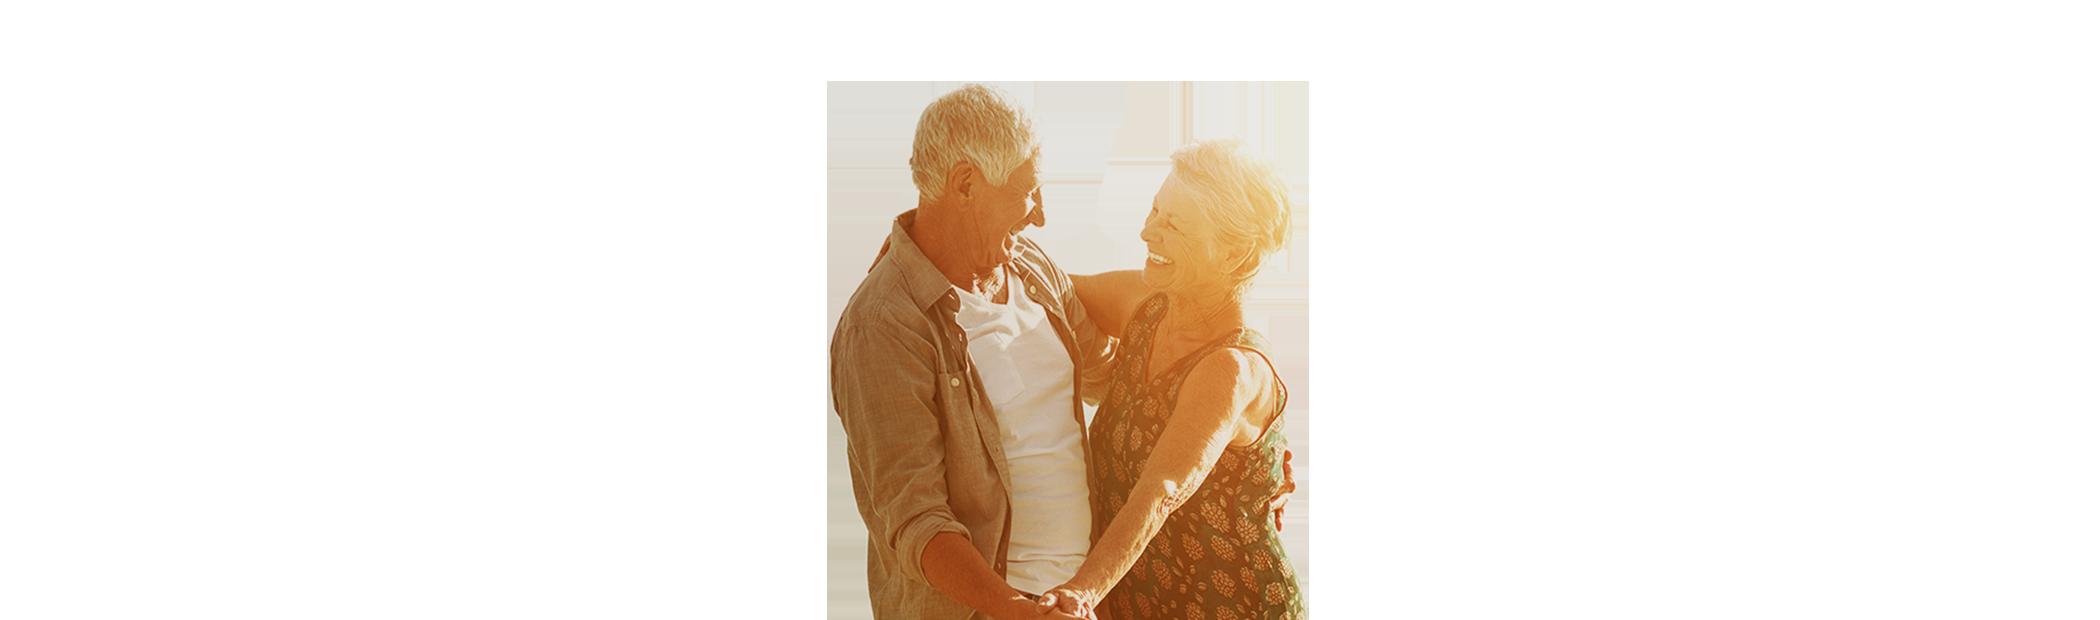 Non-purpose loans for pensioners